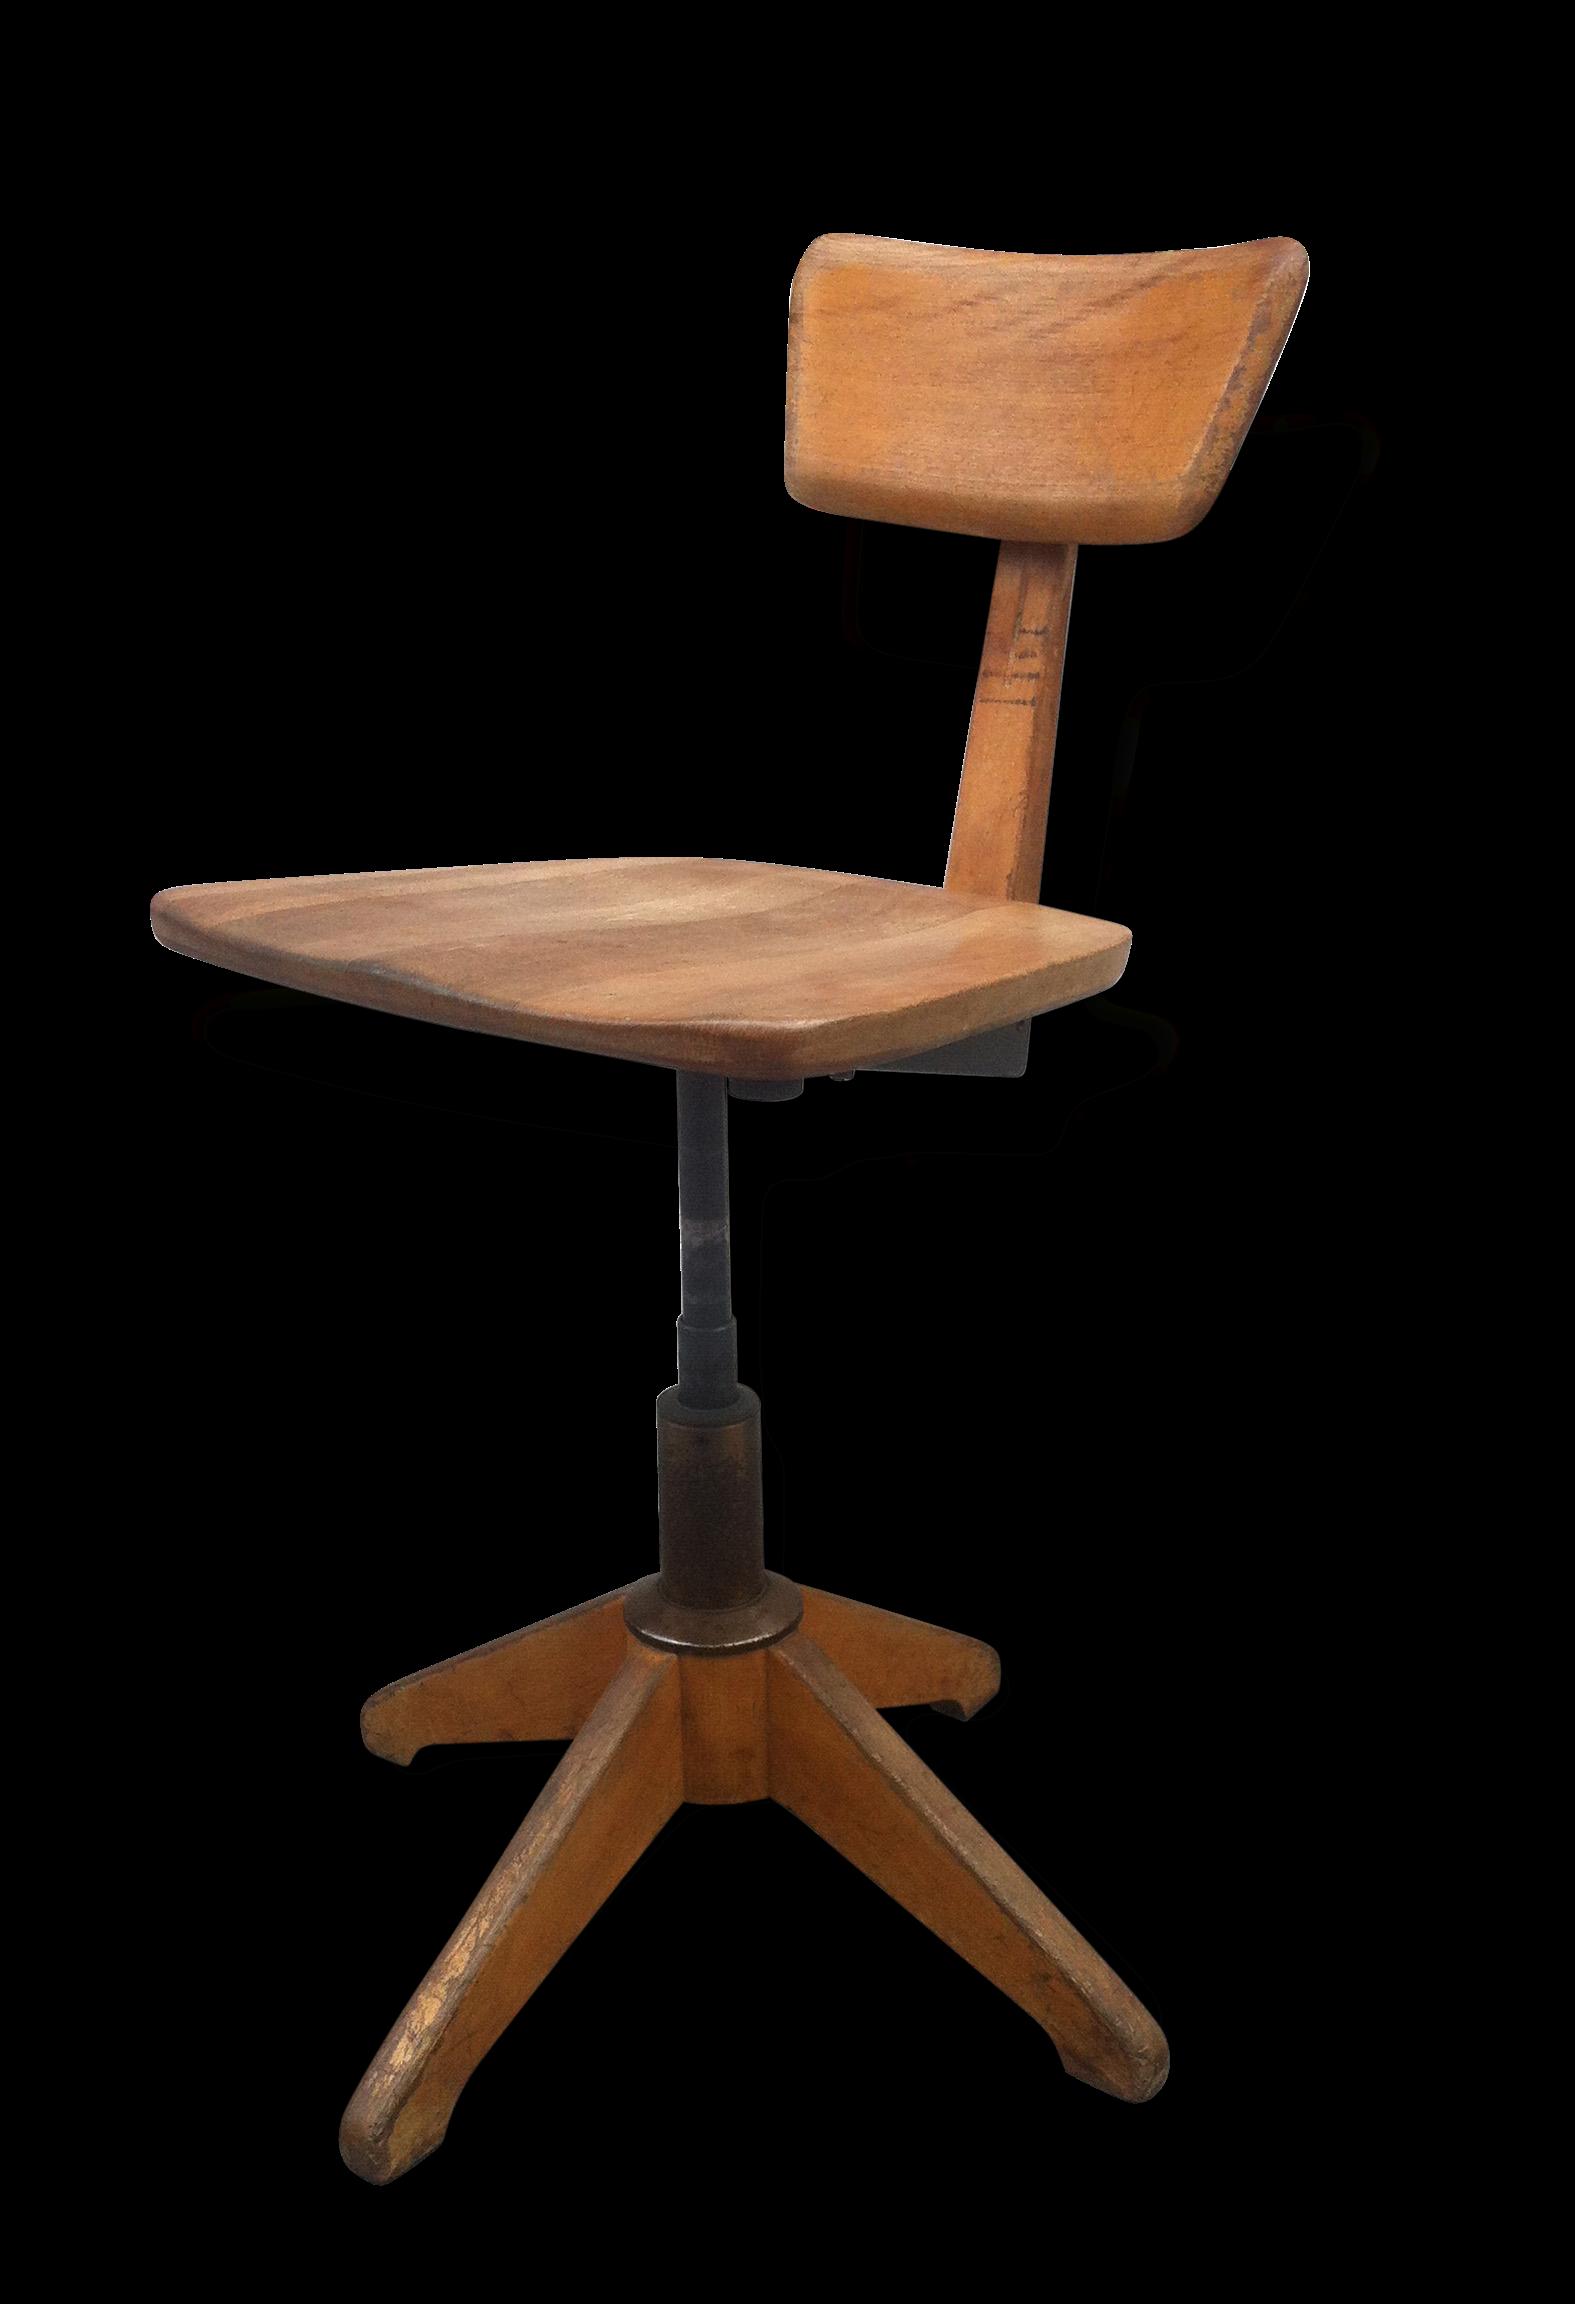 fabulous chaise bureau sedus style industriel annes with chaise type industriel with chaise esprit industriel - Chaise Bureau Style Industriel